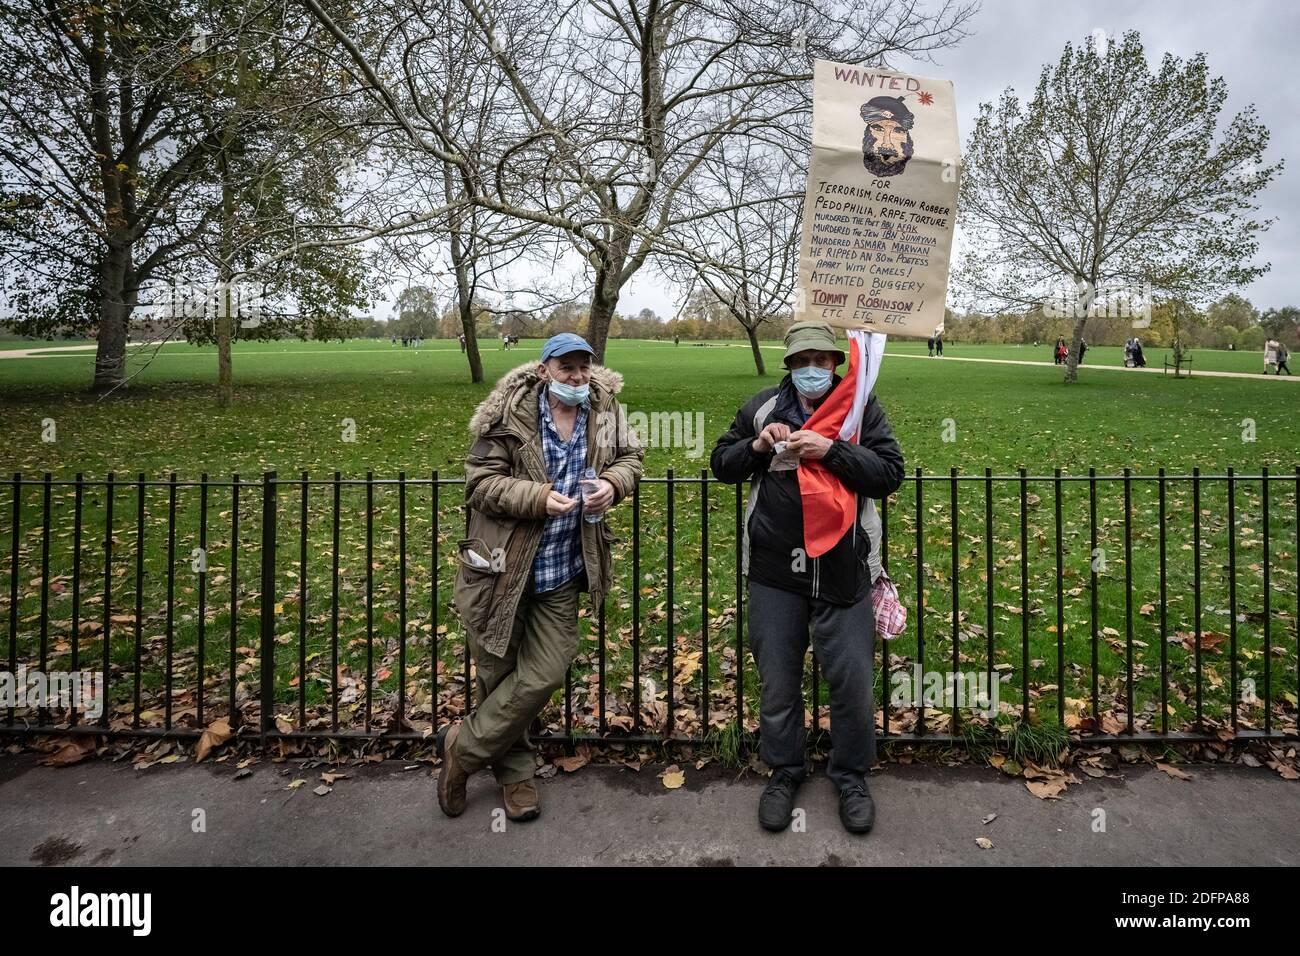 Unterstützer von Tommy Robinson versammeln sich Speakers' Corner im Hyde Park unter Polizeiaufsicht. London, Großbritannien. Stockfoto